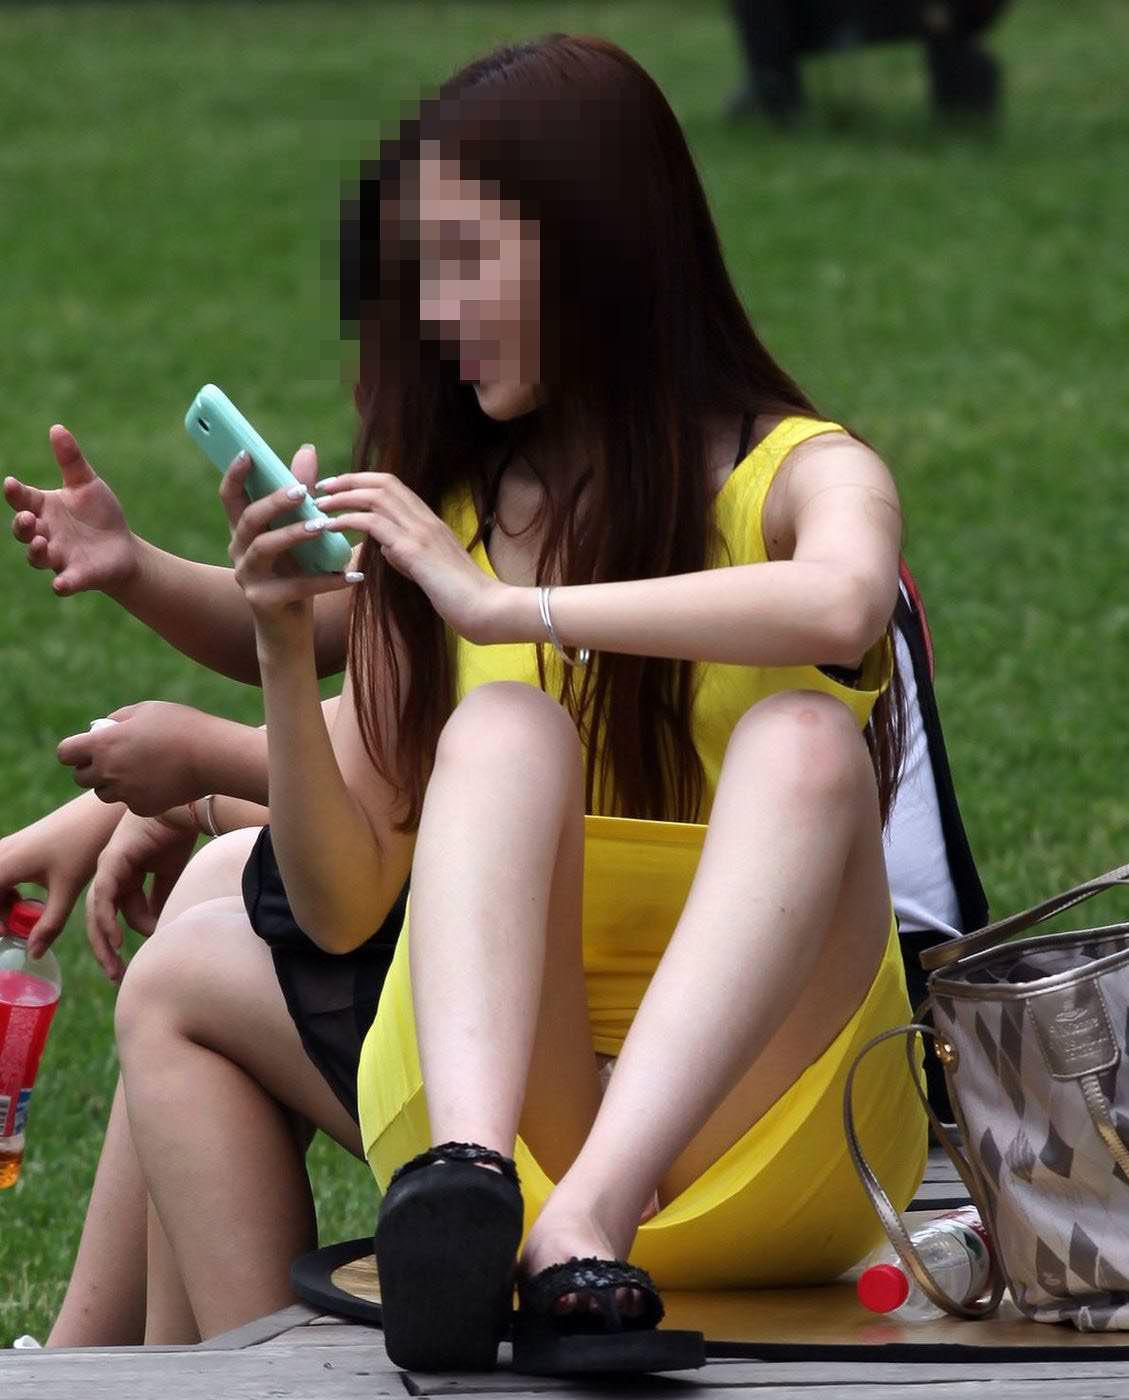 公園でのパンチラ率高すぎーwww可愛いお姉さんのパンツ見放題!!! 2482